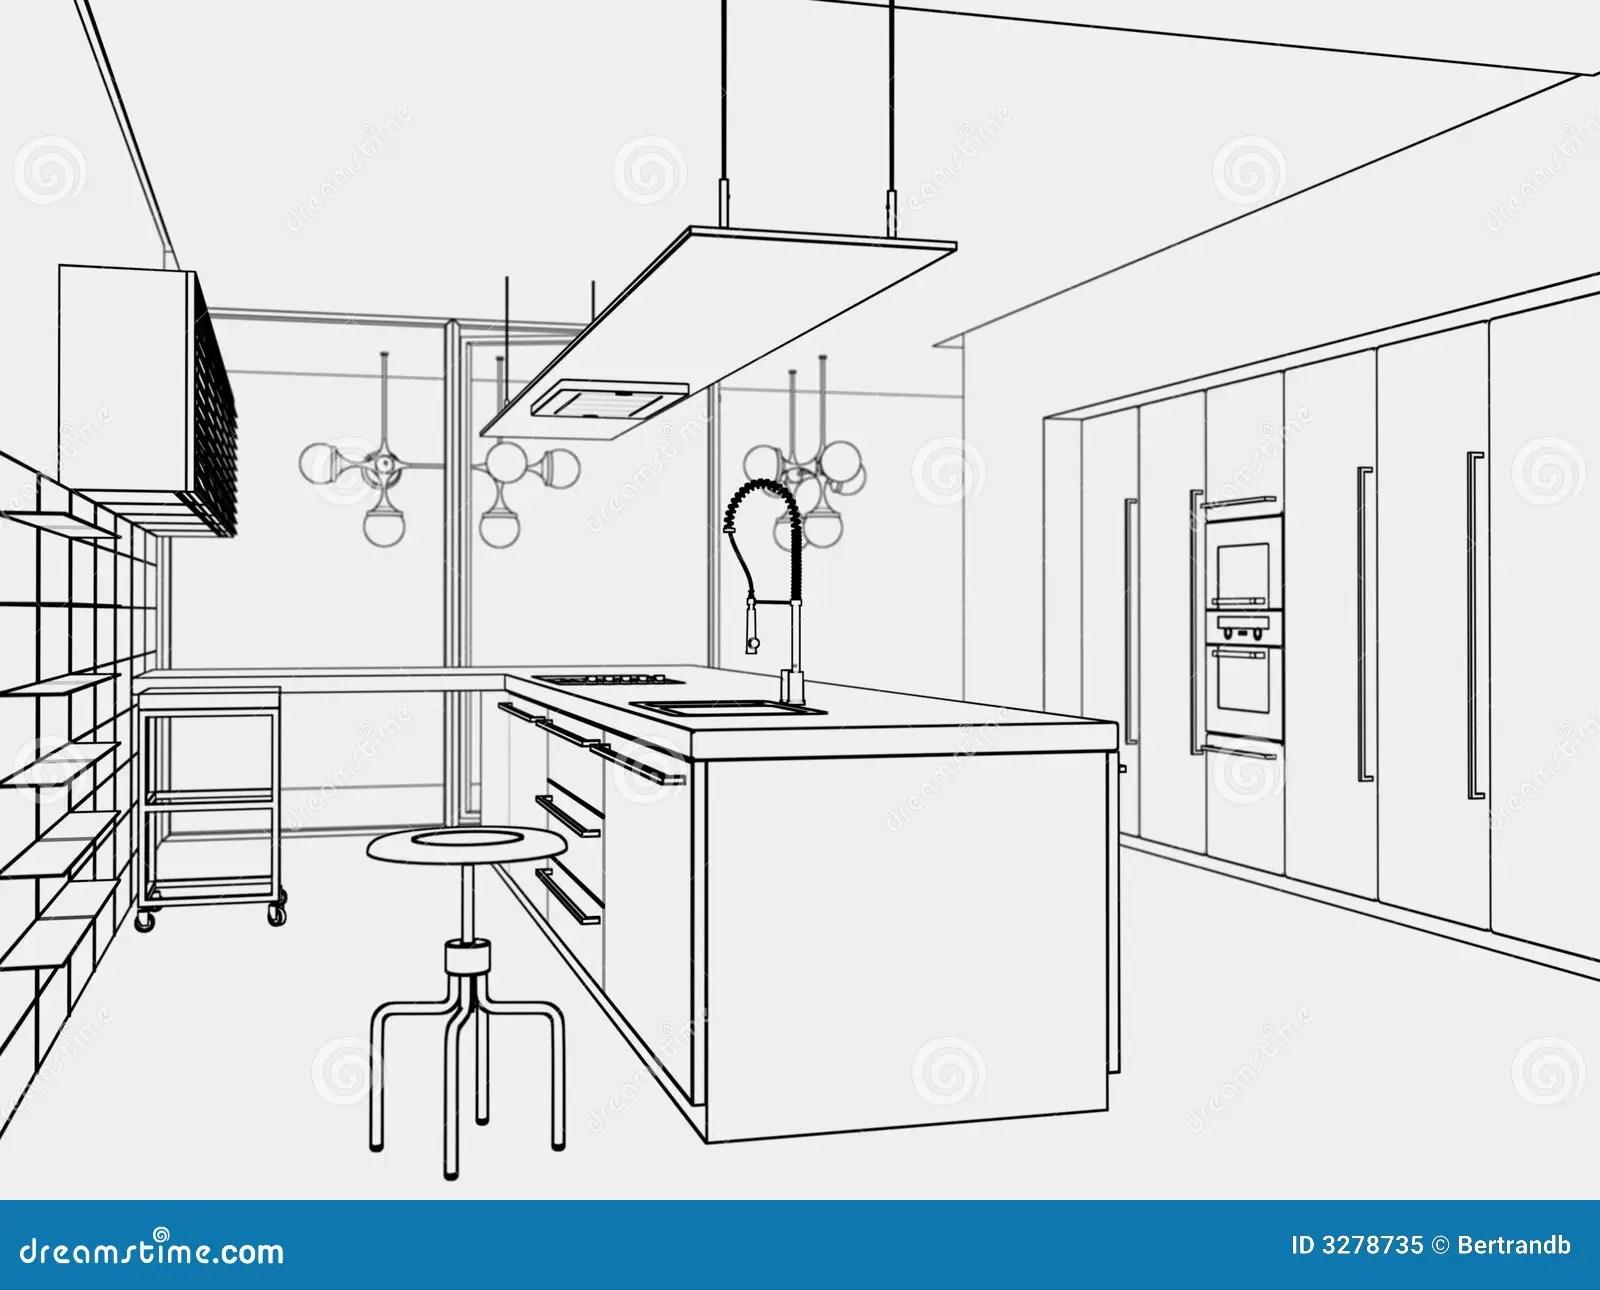 Kitchen Toon Style Stock Illustration Illustration Of